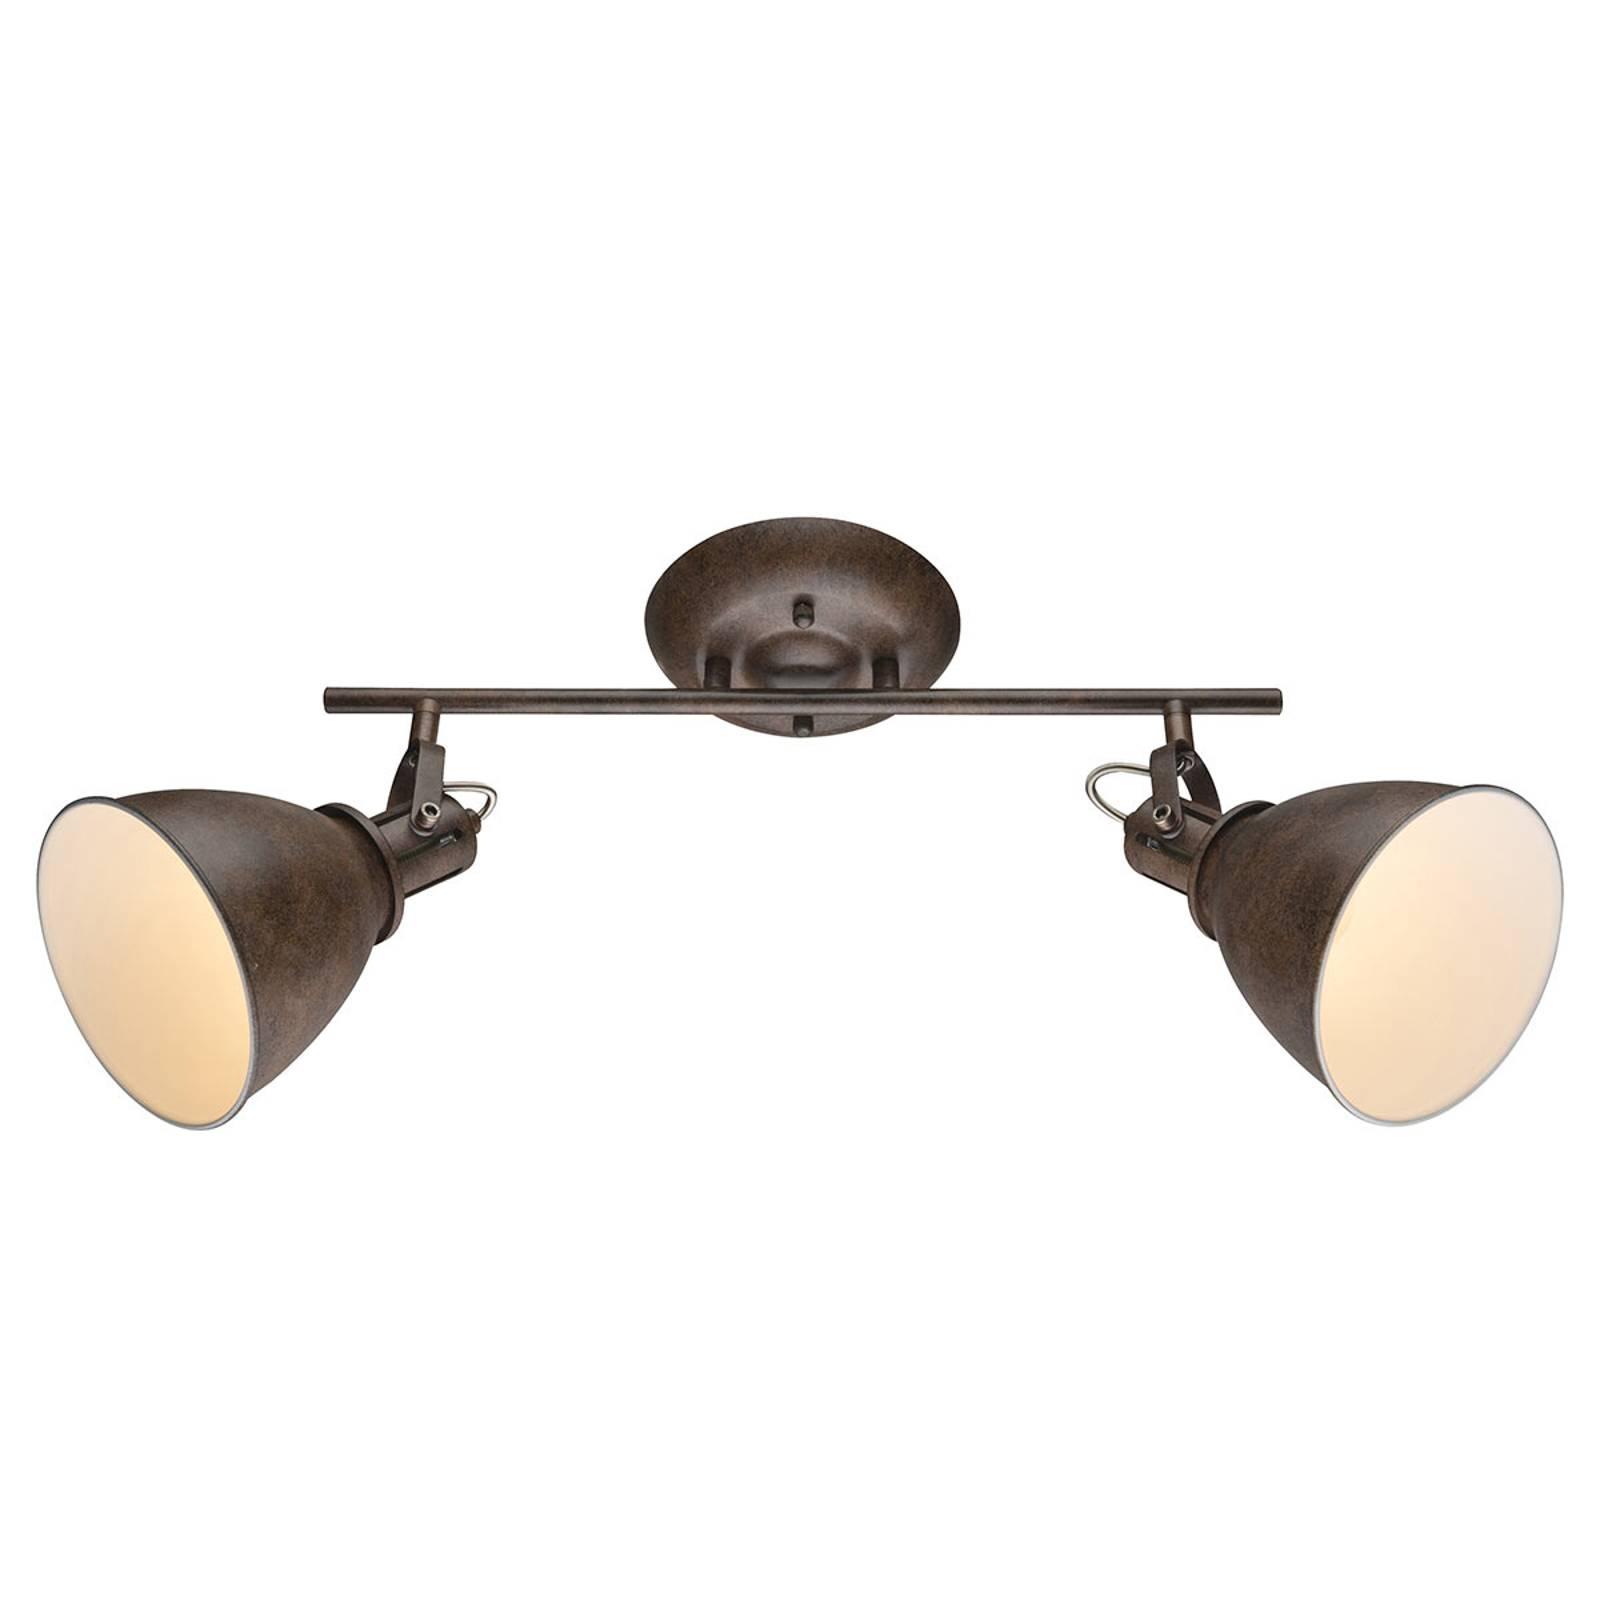 Ruosteenruskea kattokohdevalo Giorgio 2-lamppuinen